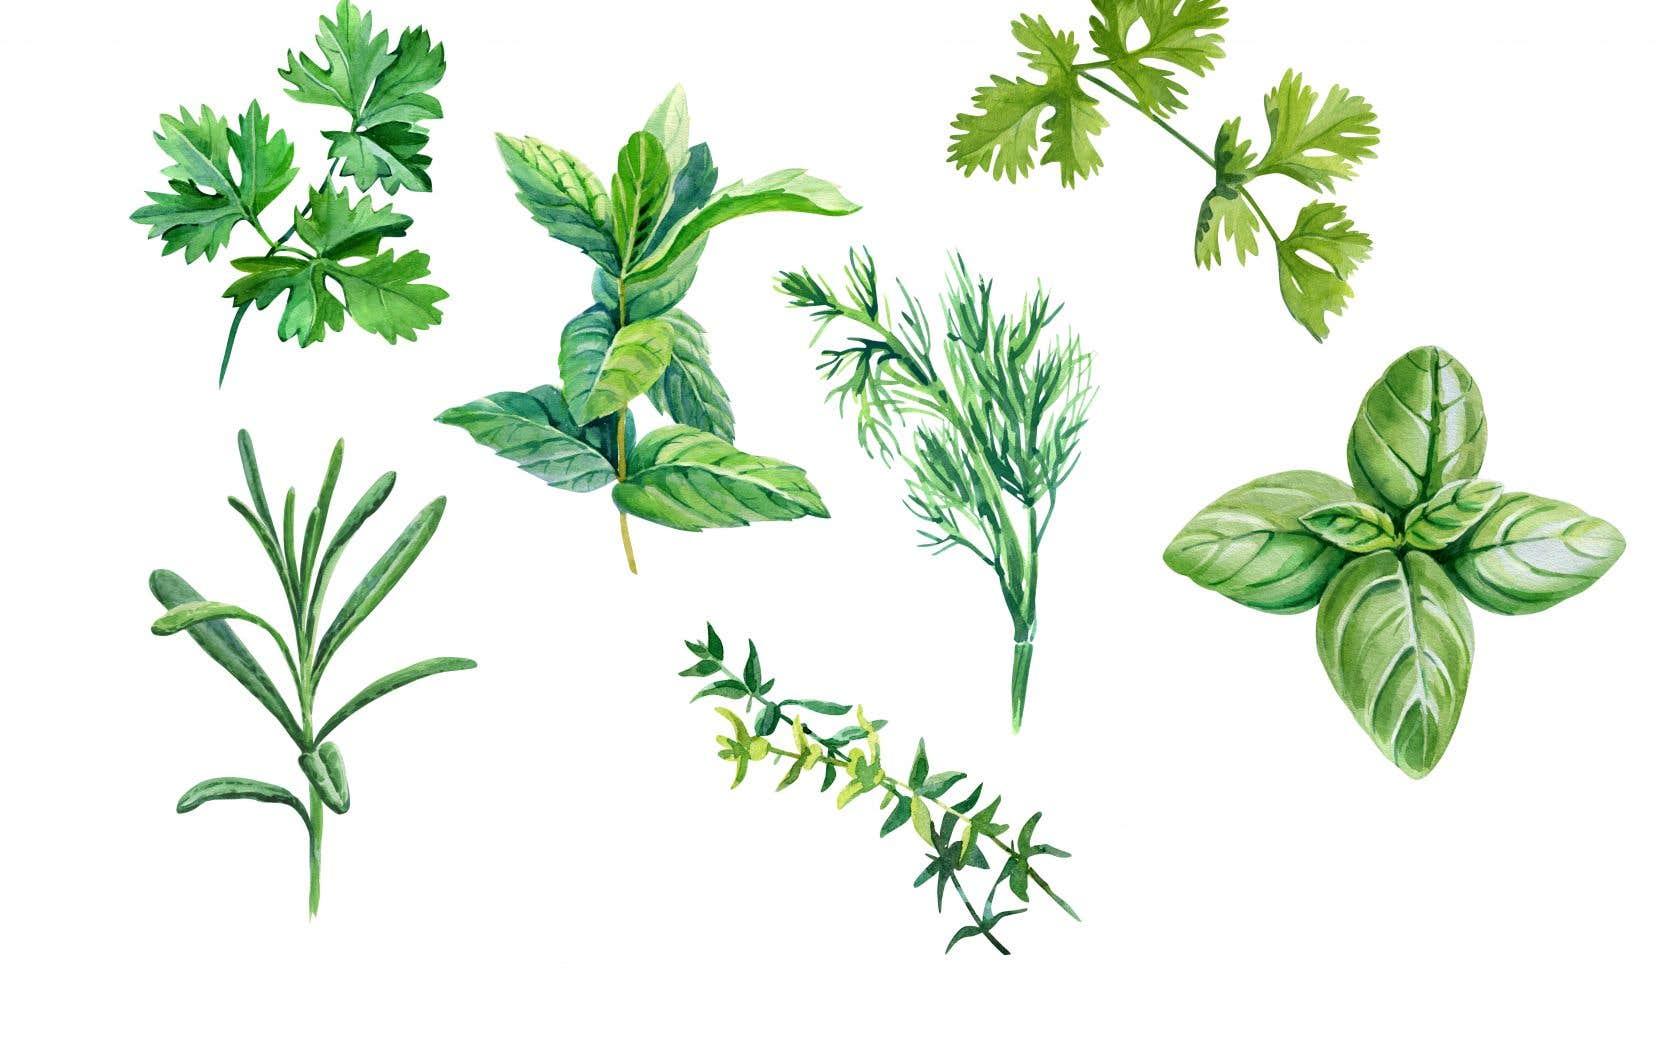 Toutes les fines herbes peuvent être appropriées à toutes les zones de rusticité, mais il suffit de choisir le bon type de thym selon sa zone, par exemple.